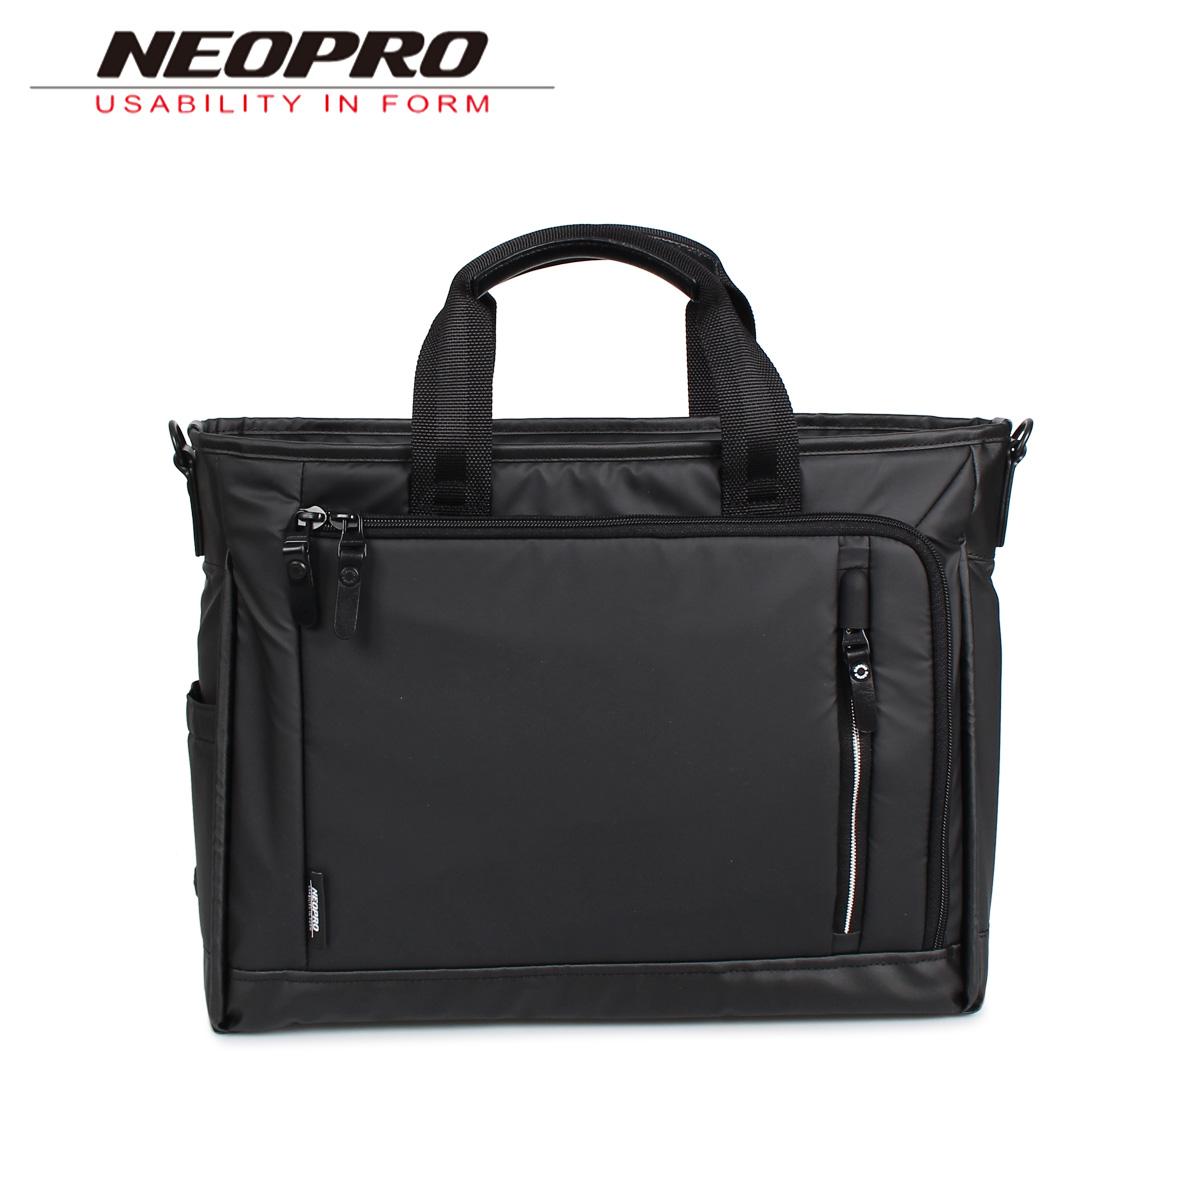 ネオプロ NEOPRO ビジネスバッグ ブリーフケース ショルダーバッグ 2WAY メンズ COMMUTE LIGHT ブラック 黒 2-760